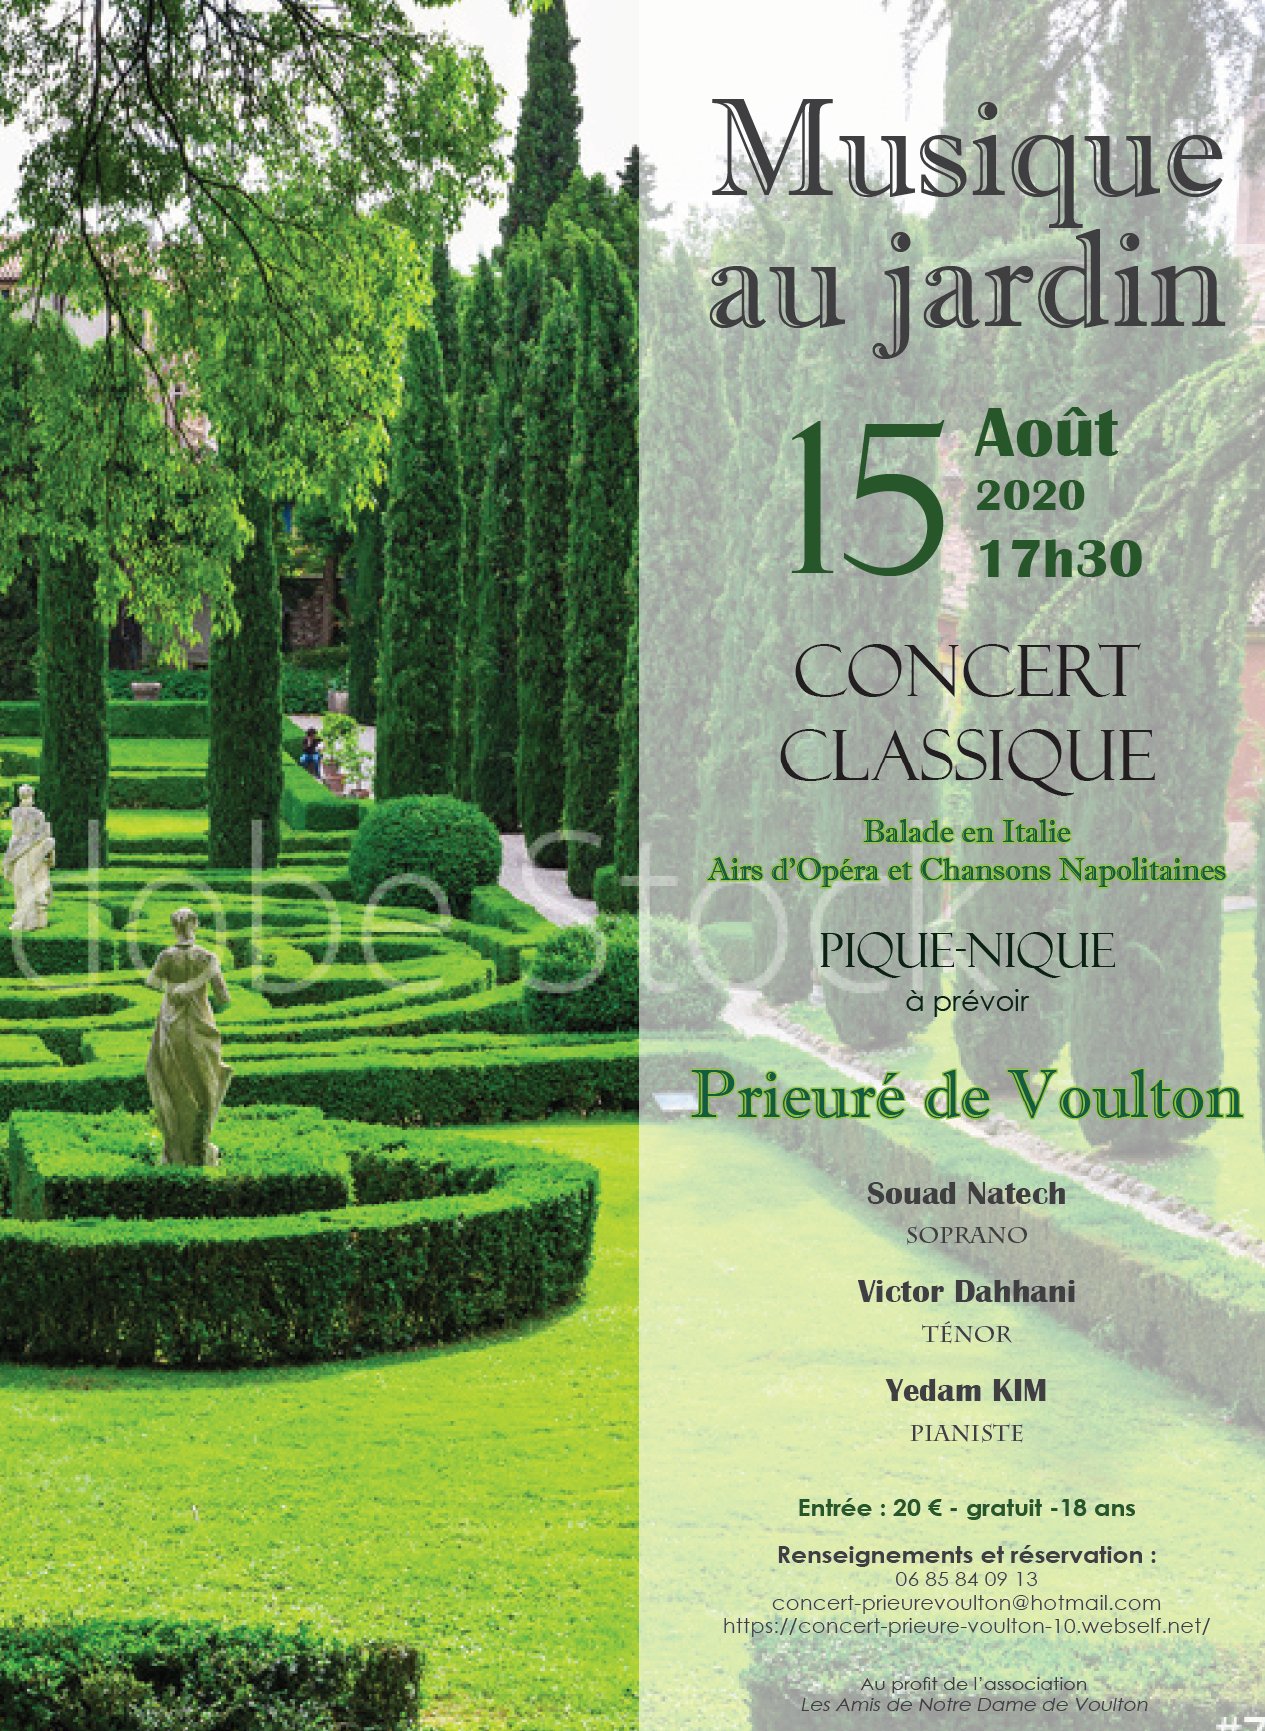 LES AMIS DE NOTRE DAME DE VOULTON - Concert classique au Prieuré @ Prieuré de Voulton